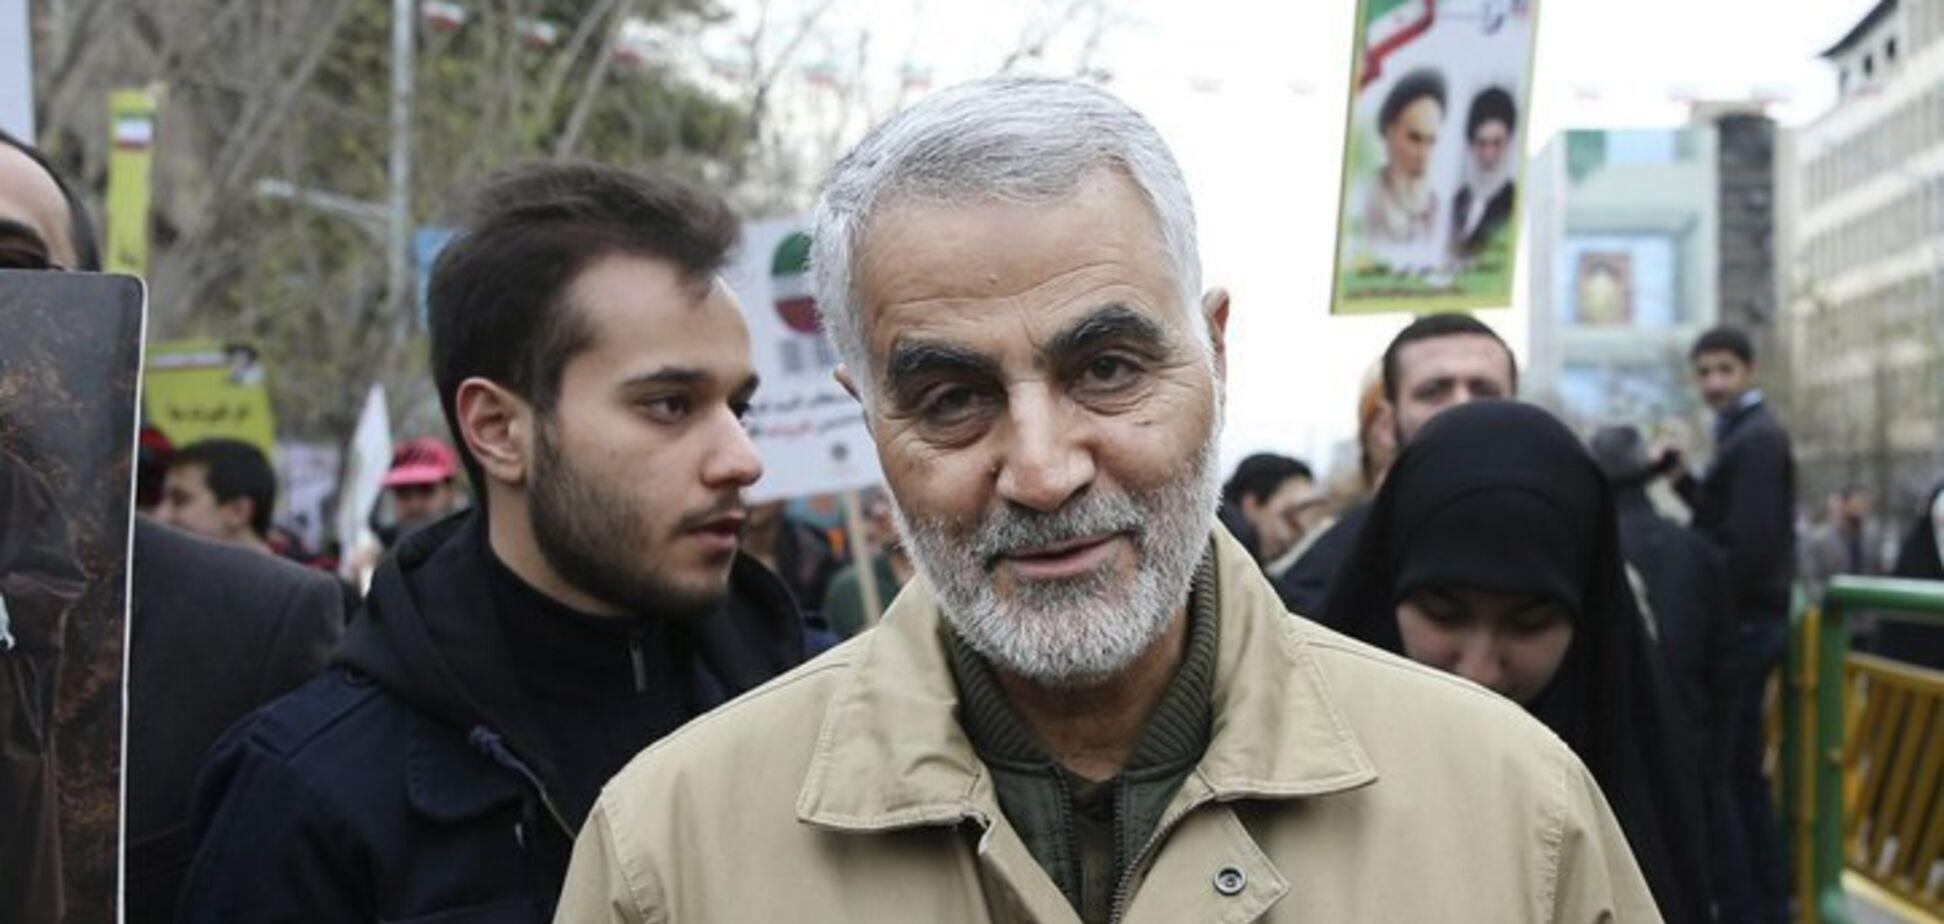 Вбивство генерала в Іраку: стало відомо, навіщо Сулеймані прибув до Багдада